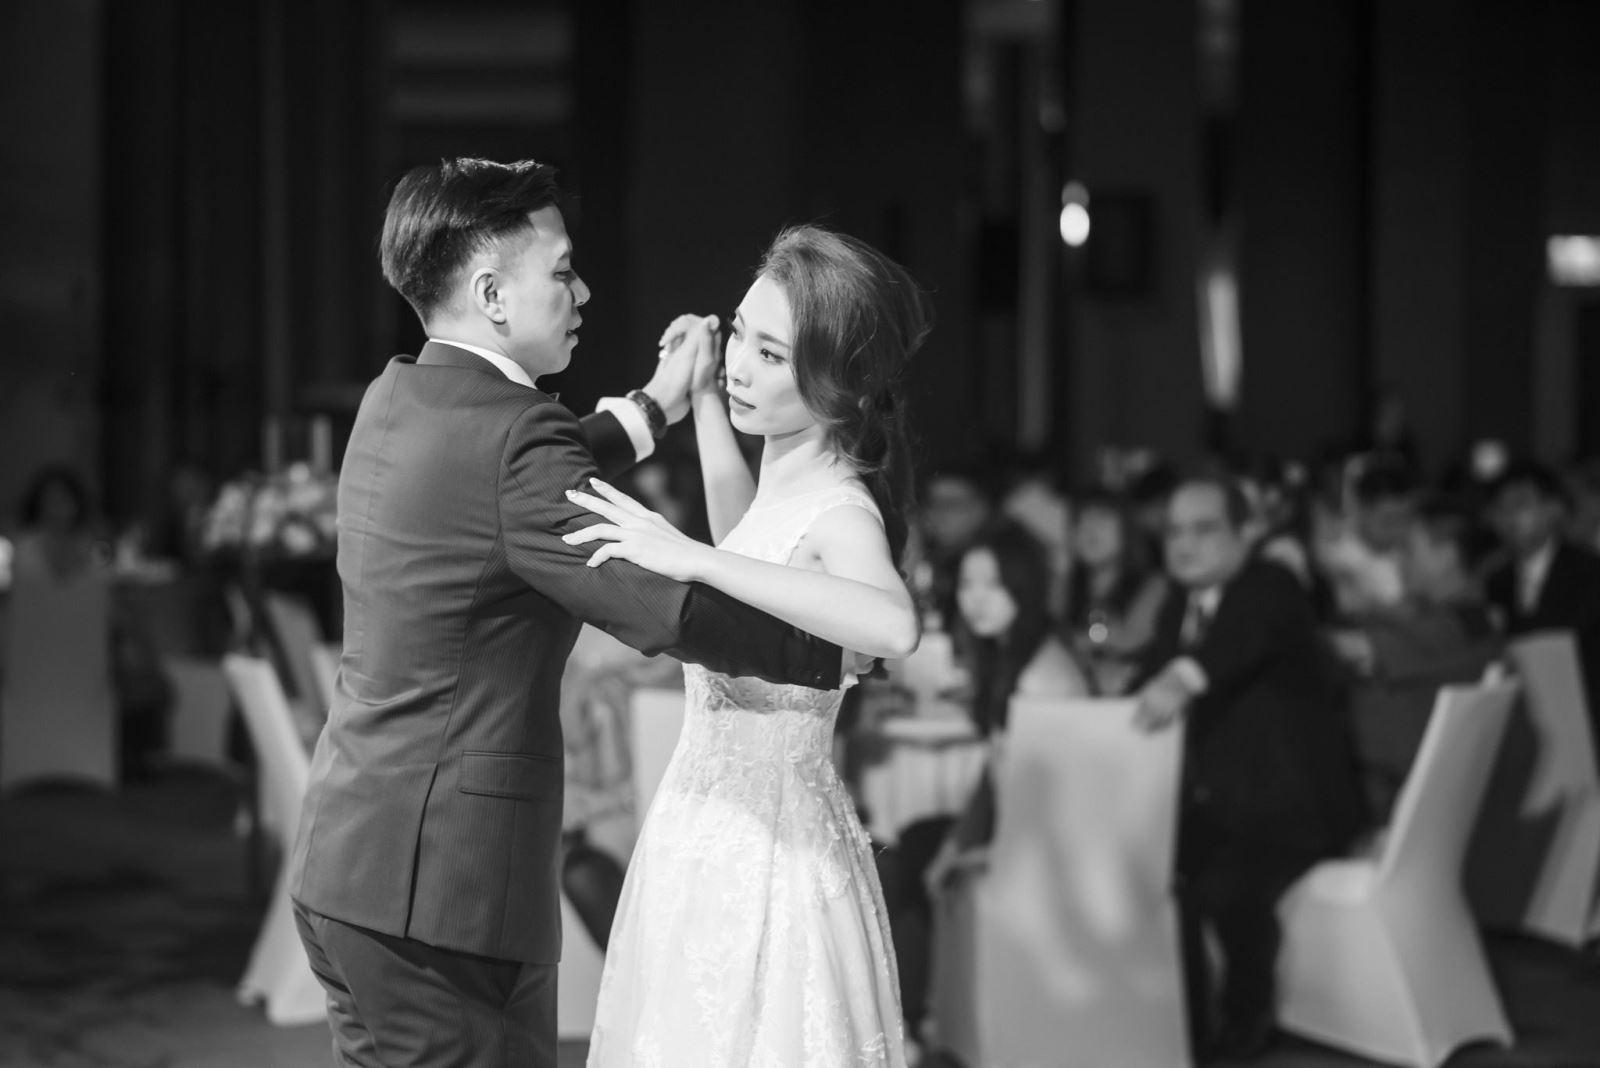 TWO_in_ONE婚禮_婚禮舞蹈_寒舍艾麗_婚禮跳舞